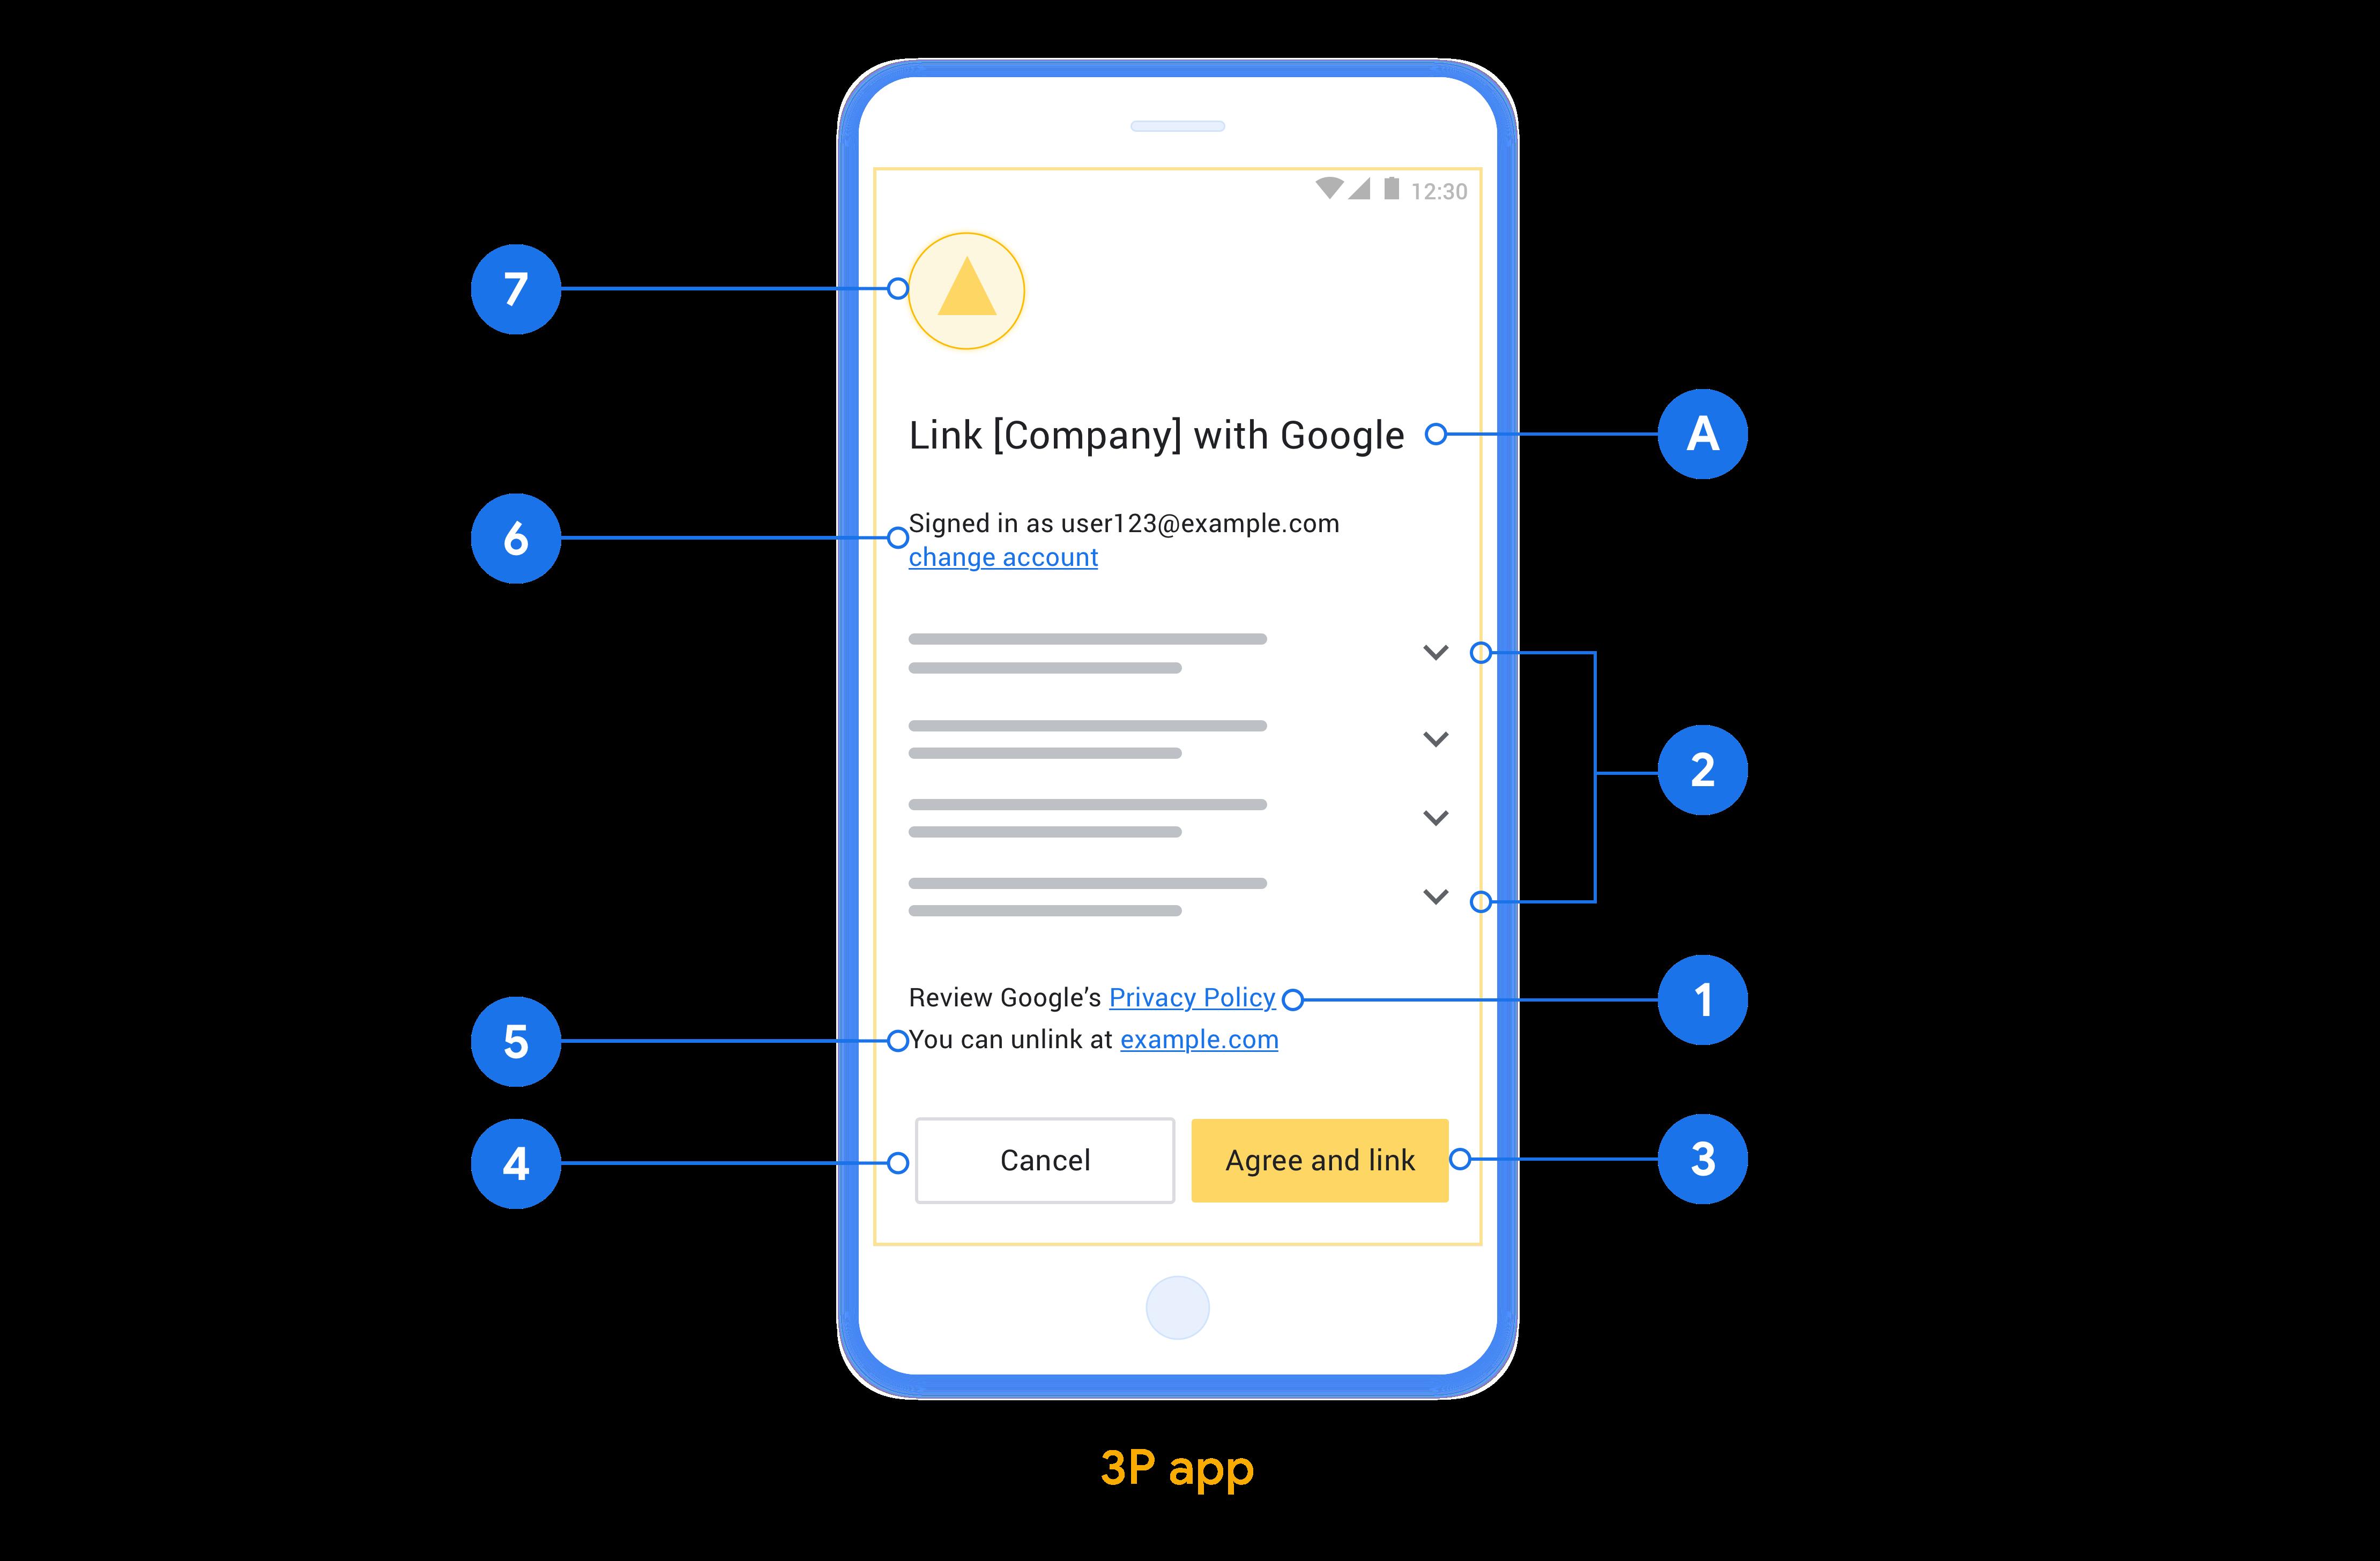 この図は、ユーザーの同意画面を設計するときに従うべき個々の要件と推奨事項への呼び出しを含む同意画面の例を示しています。